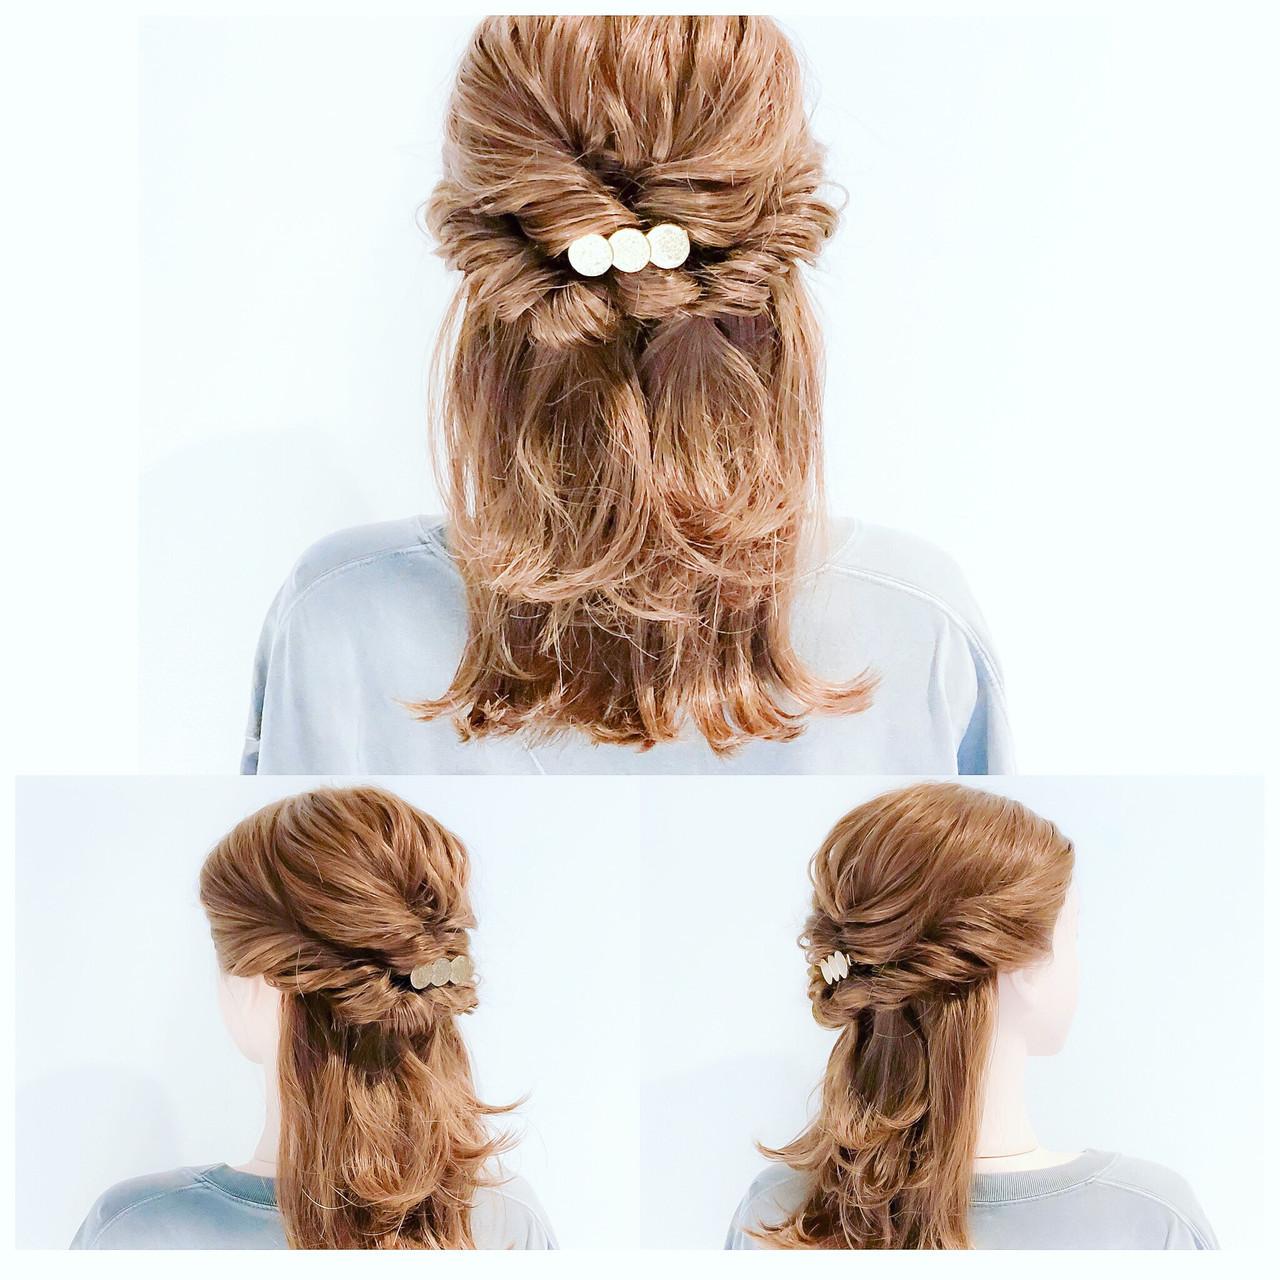 くるりんぱ セルフアレンジ ハーフアップ ヘアアレンジ ヘアスタイルや髪型の写真・画像